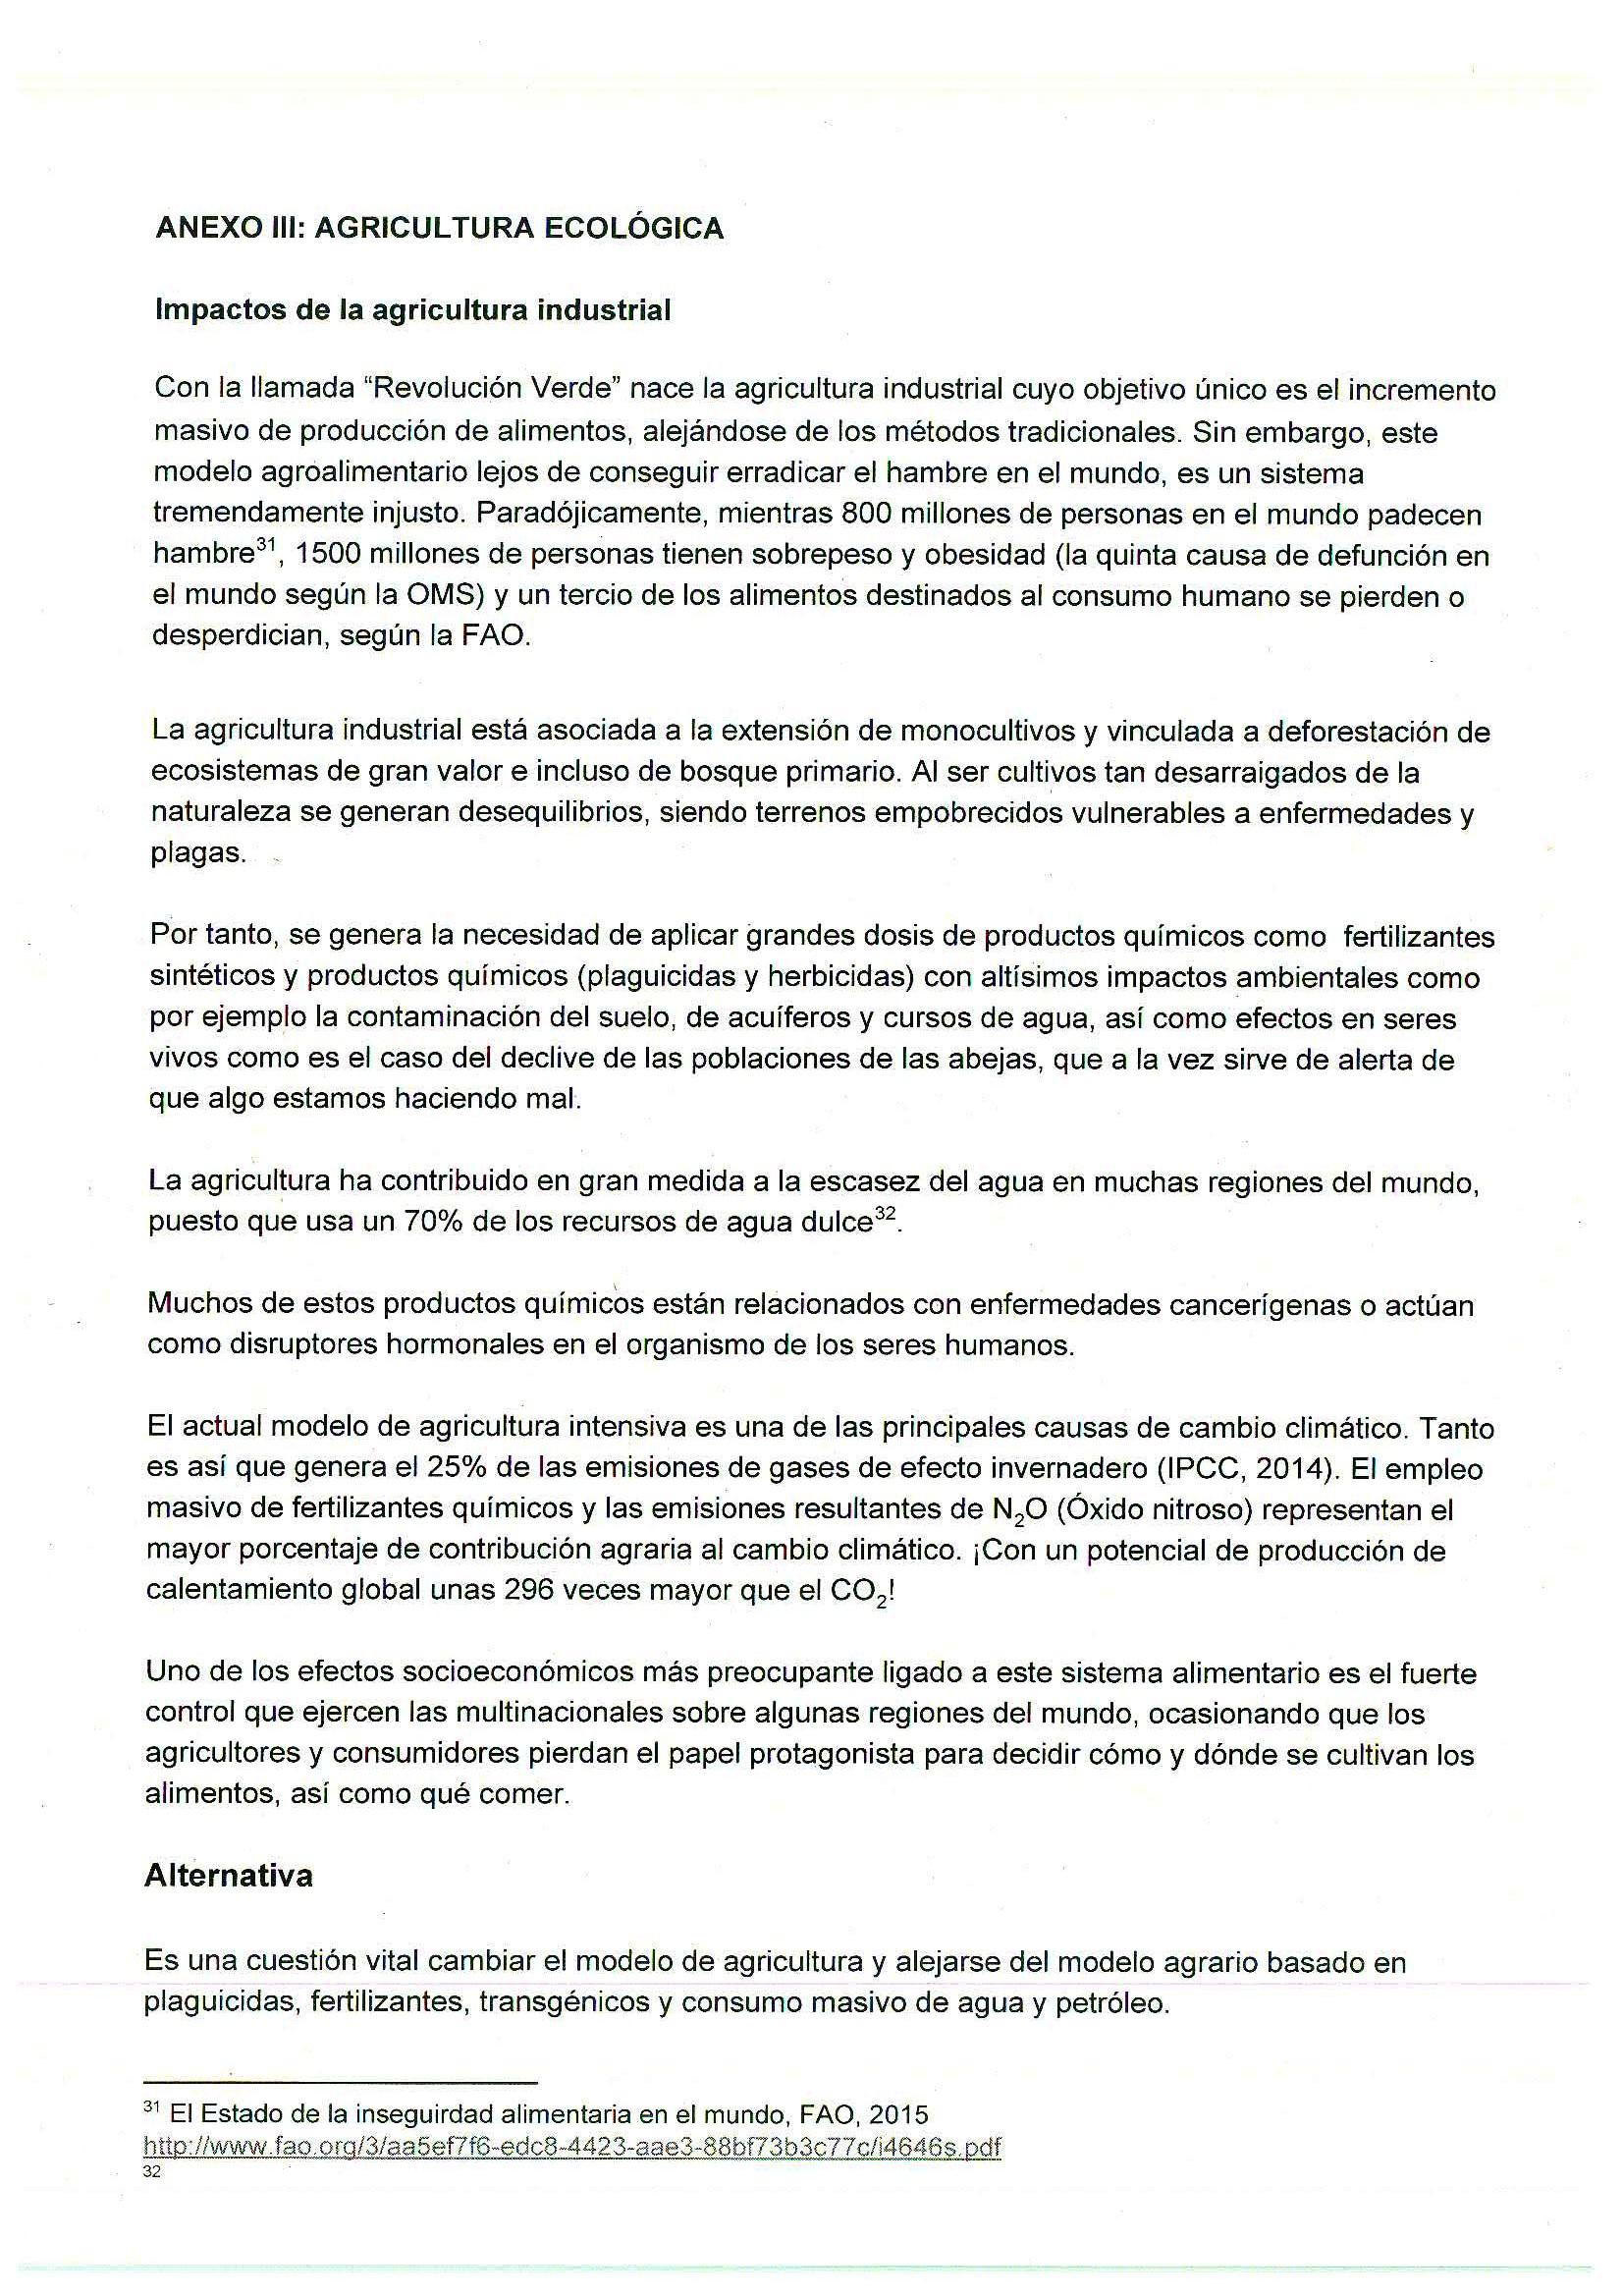 Aldeire.-Carta-ZLT%2c-glifosato-y-compra-publica-ecologica-0011